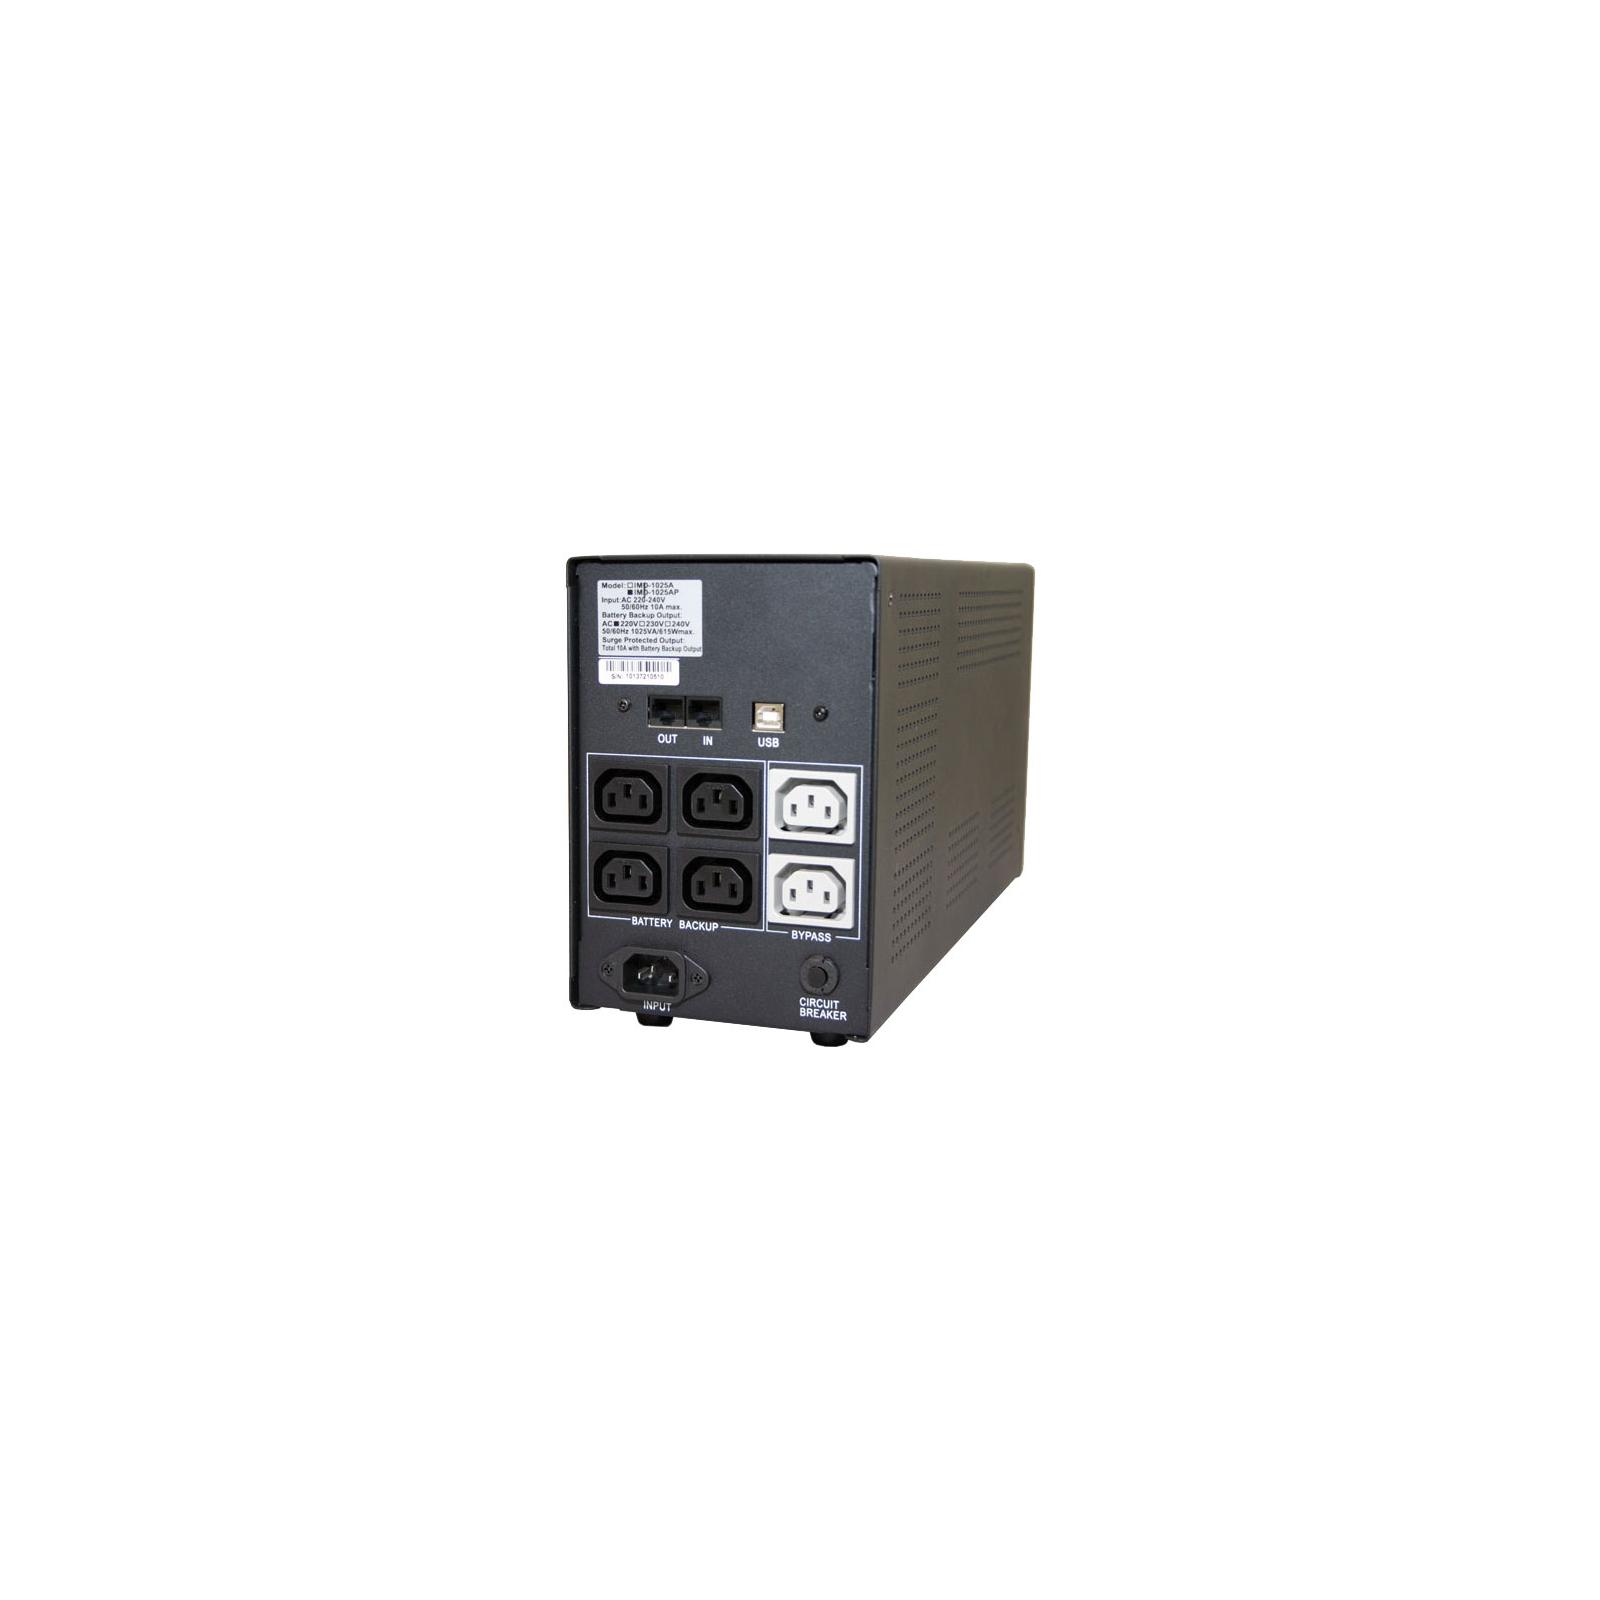 Источник бесперебойного питания IMD-1200 АР Powercom (IMD-1200 AP) изображение 2